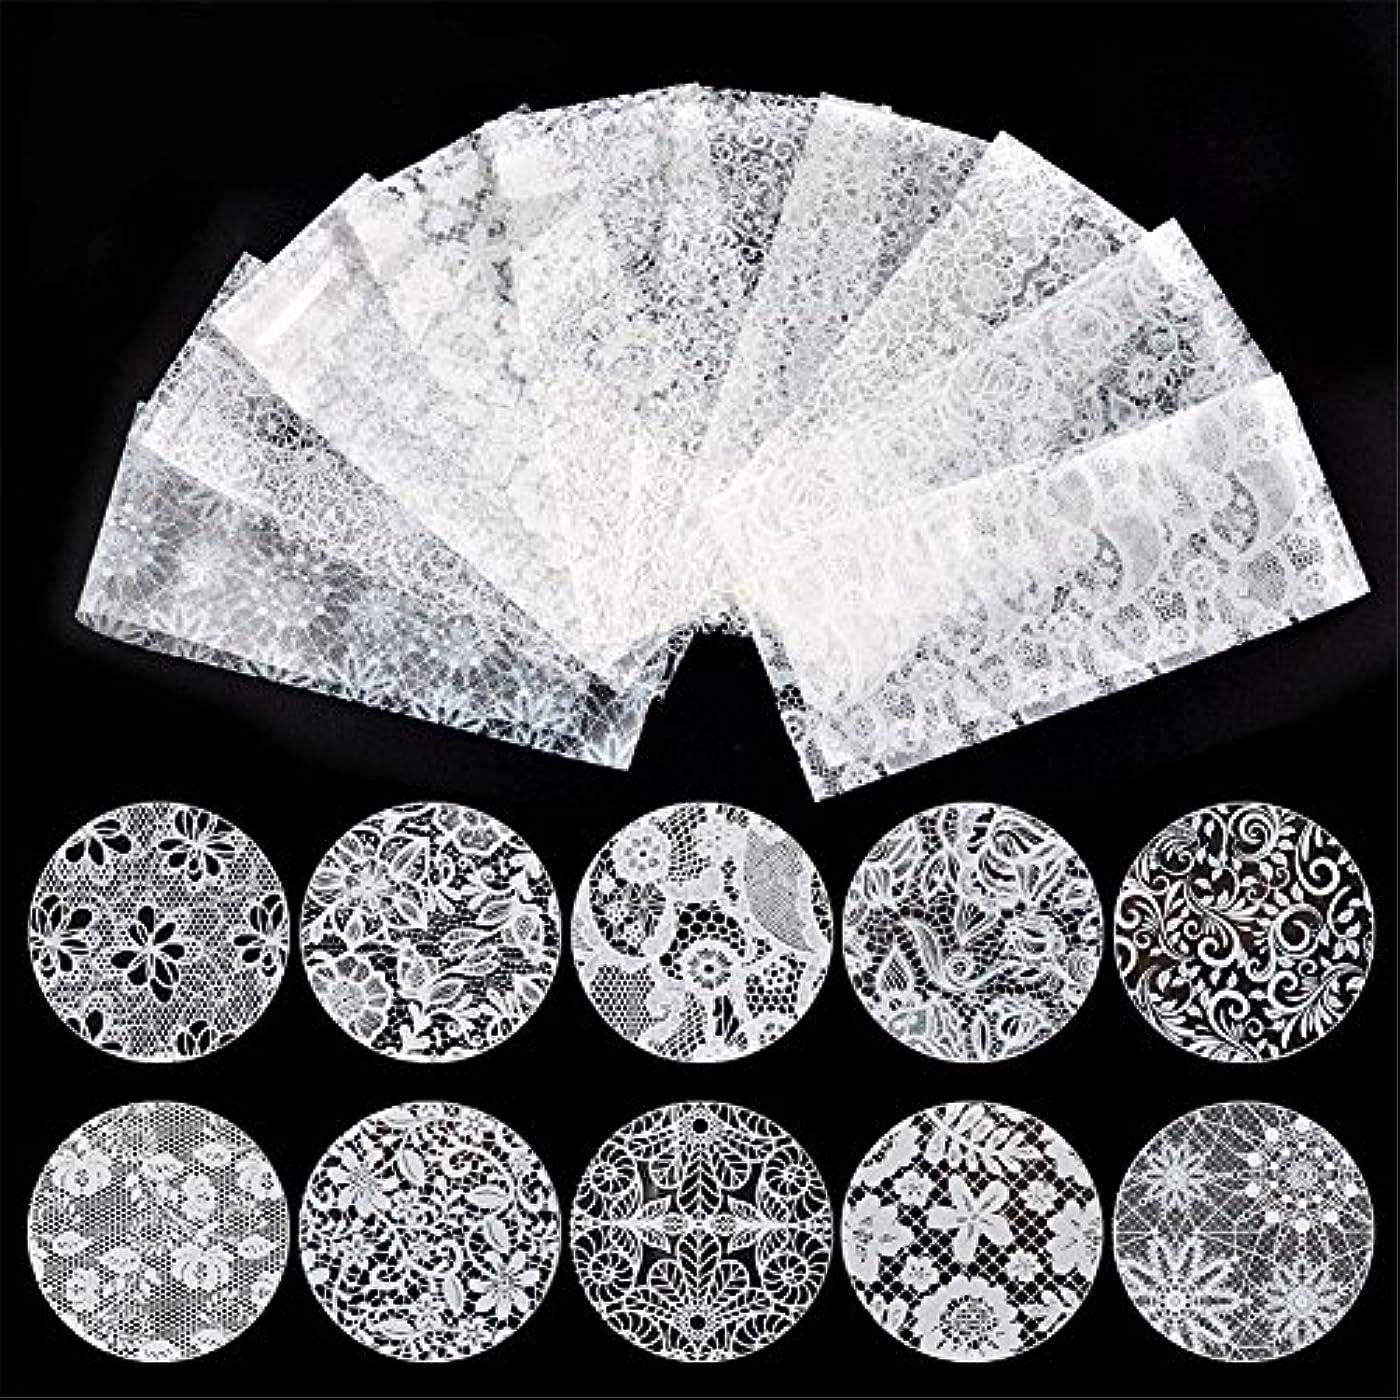 かび臭い勉強するパイント10種セット 黒白2色から選べレースネイルホイルフォイル クラッシュ ギアピーコックパータン ネイルシーツネイルパーツネイルアート (白)